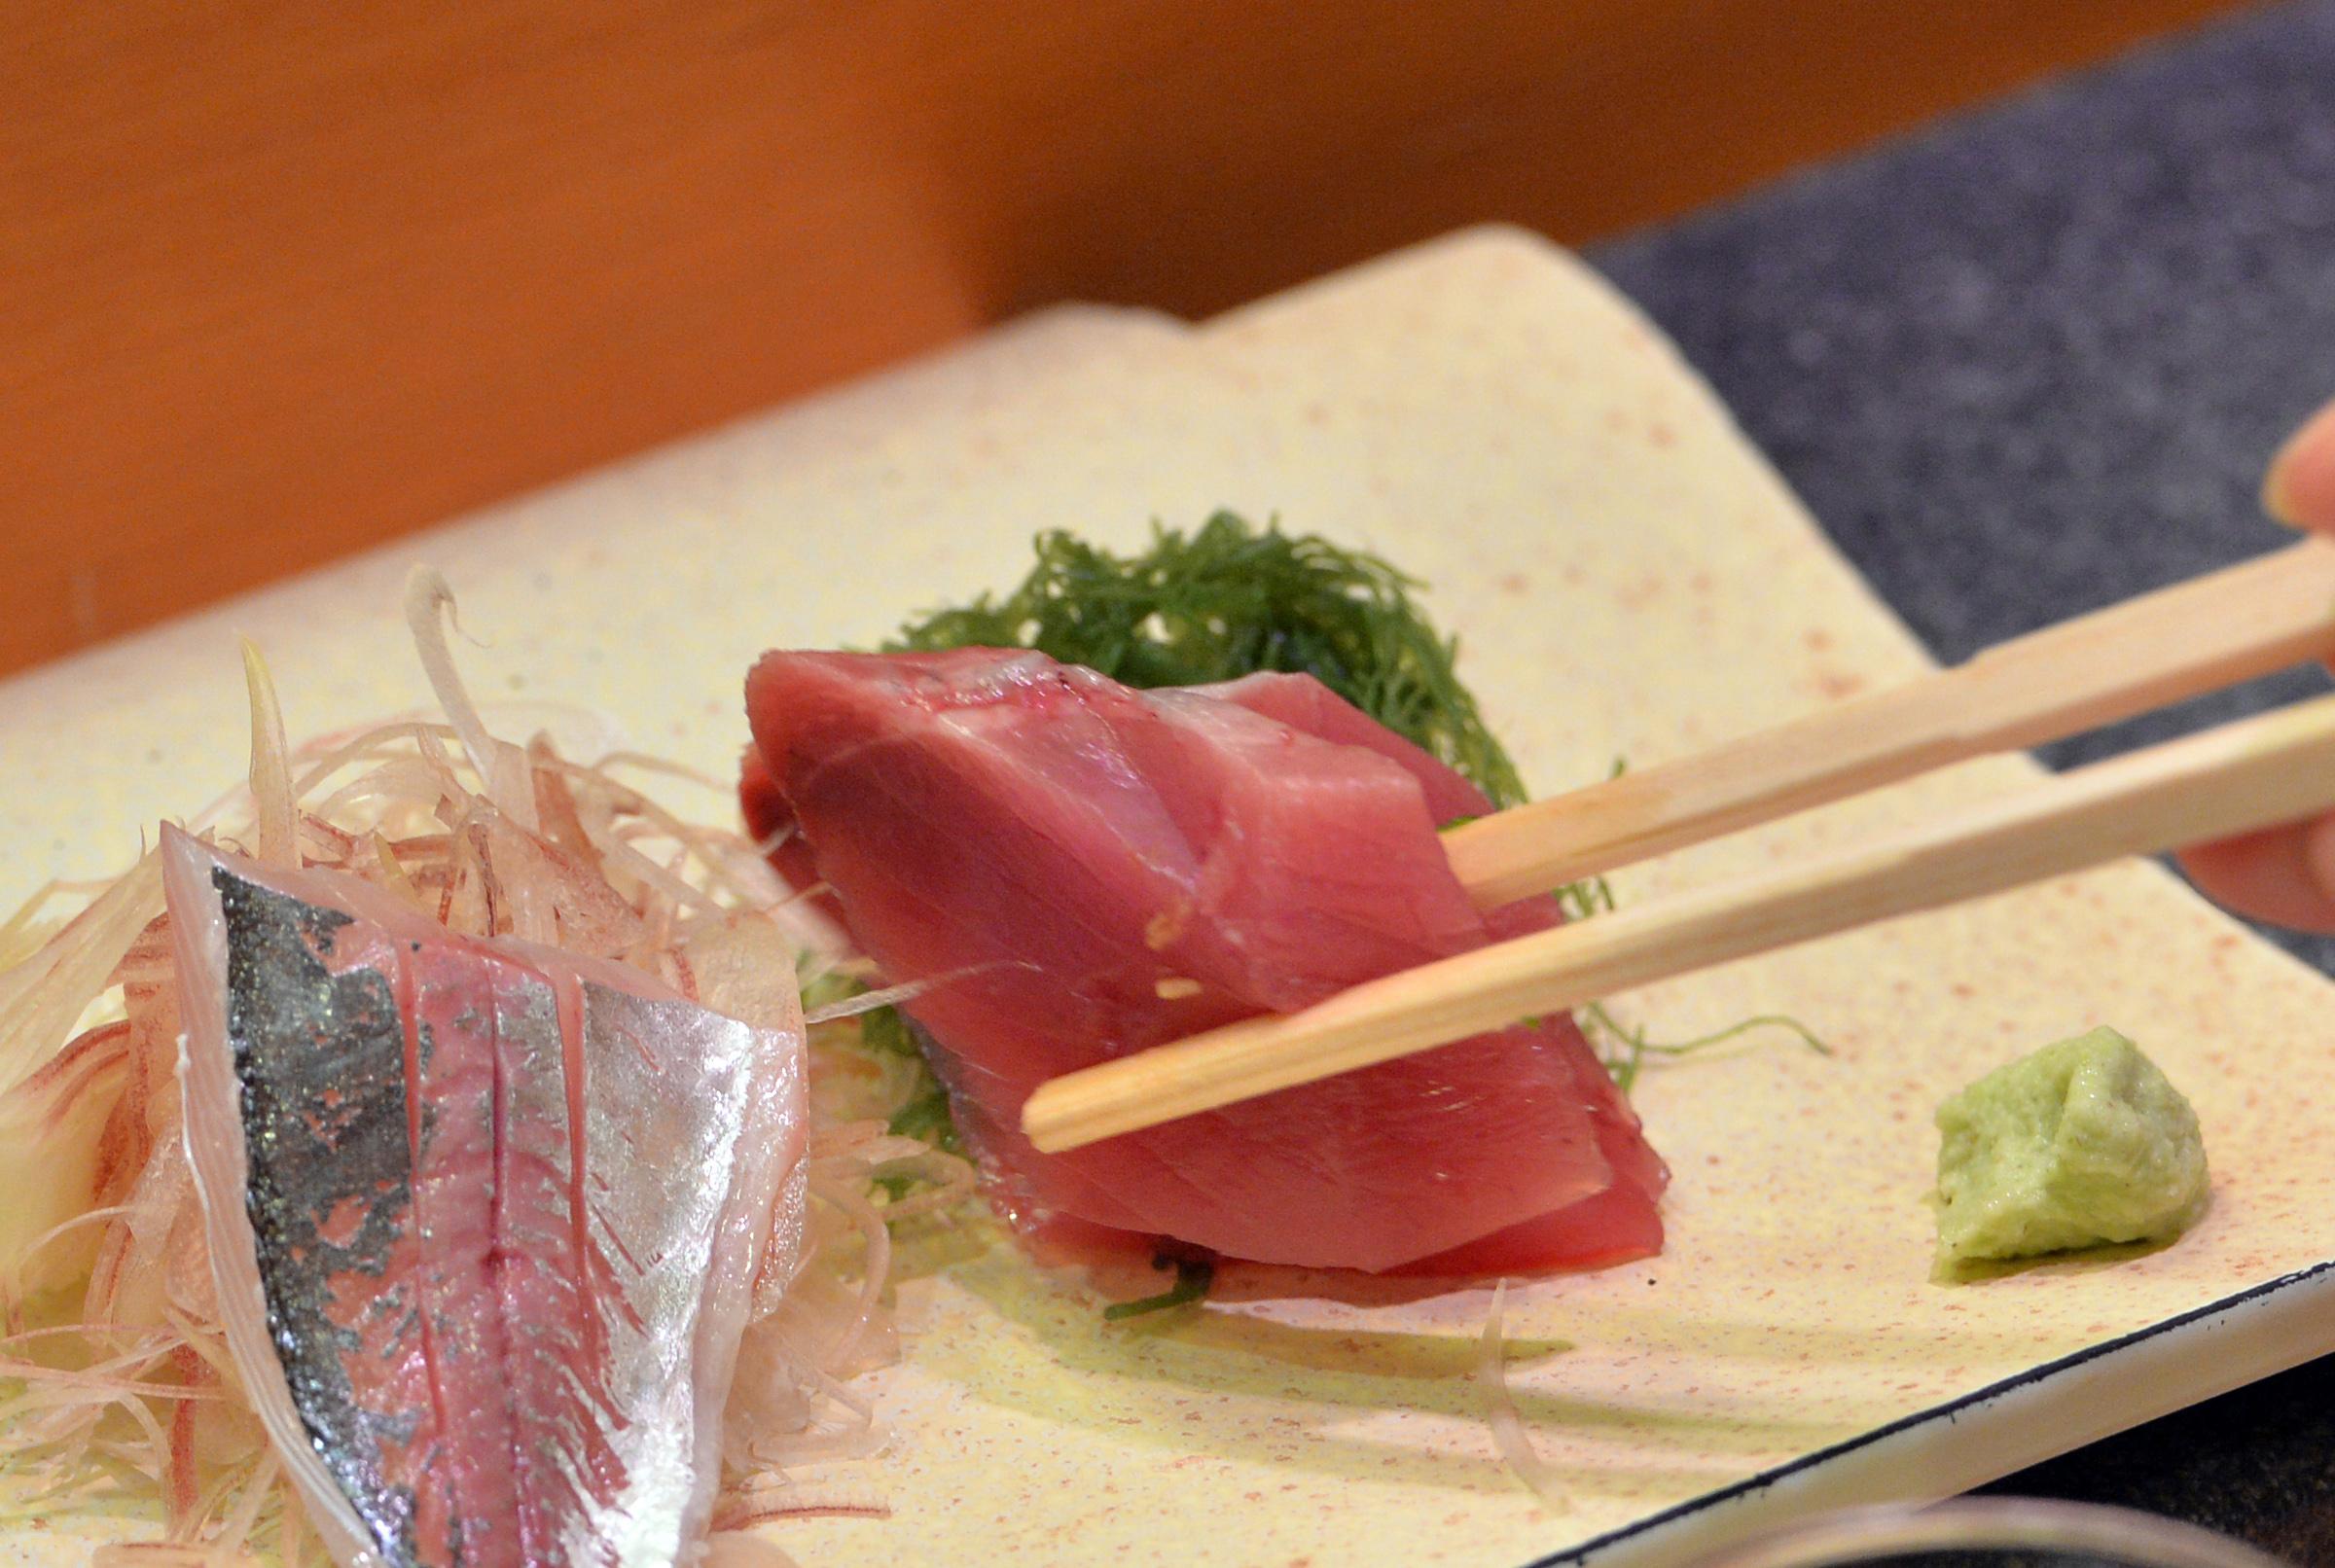 A customer eats bonito and horse mackerel sashimi (raw fish) at a high-end sushi restaurant in Tokyo on  July 16, 2013.